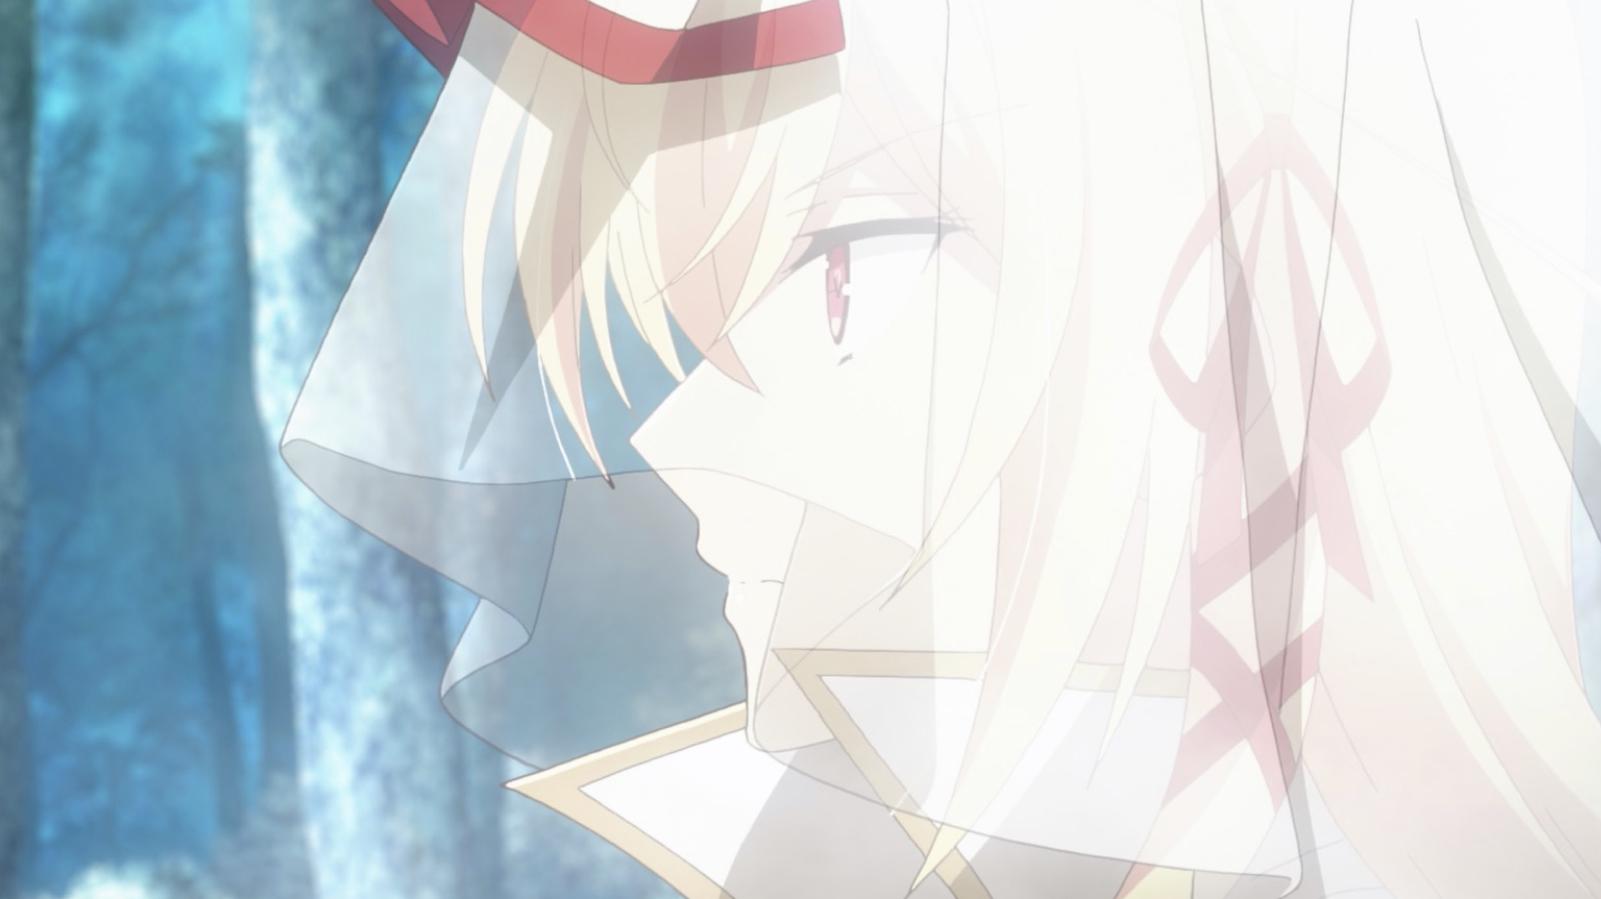 【キミ戦】アニメ版アリスリーゼのキャラ性と星霊能力・今後の展開